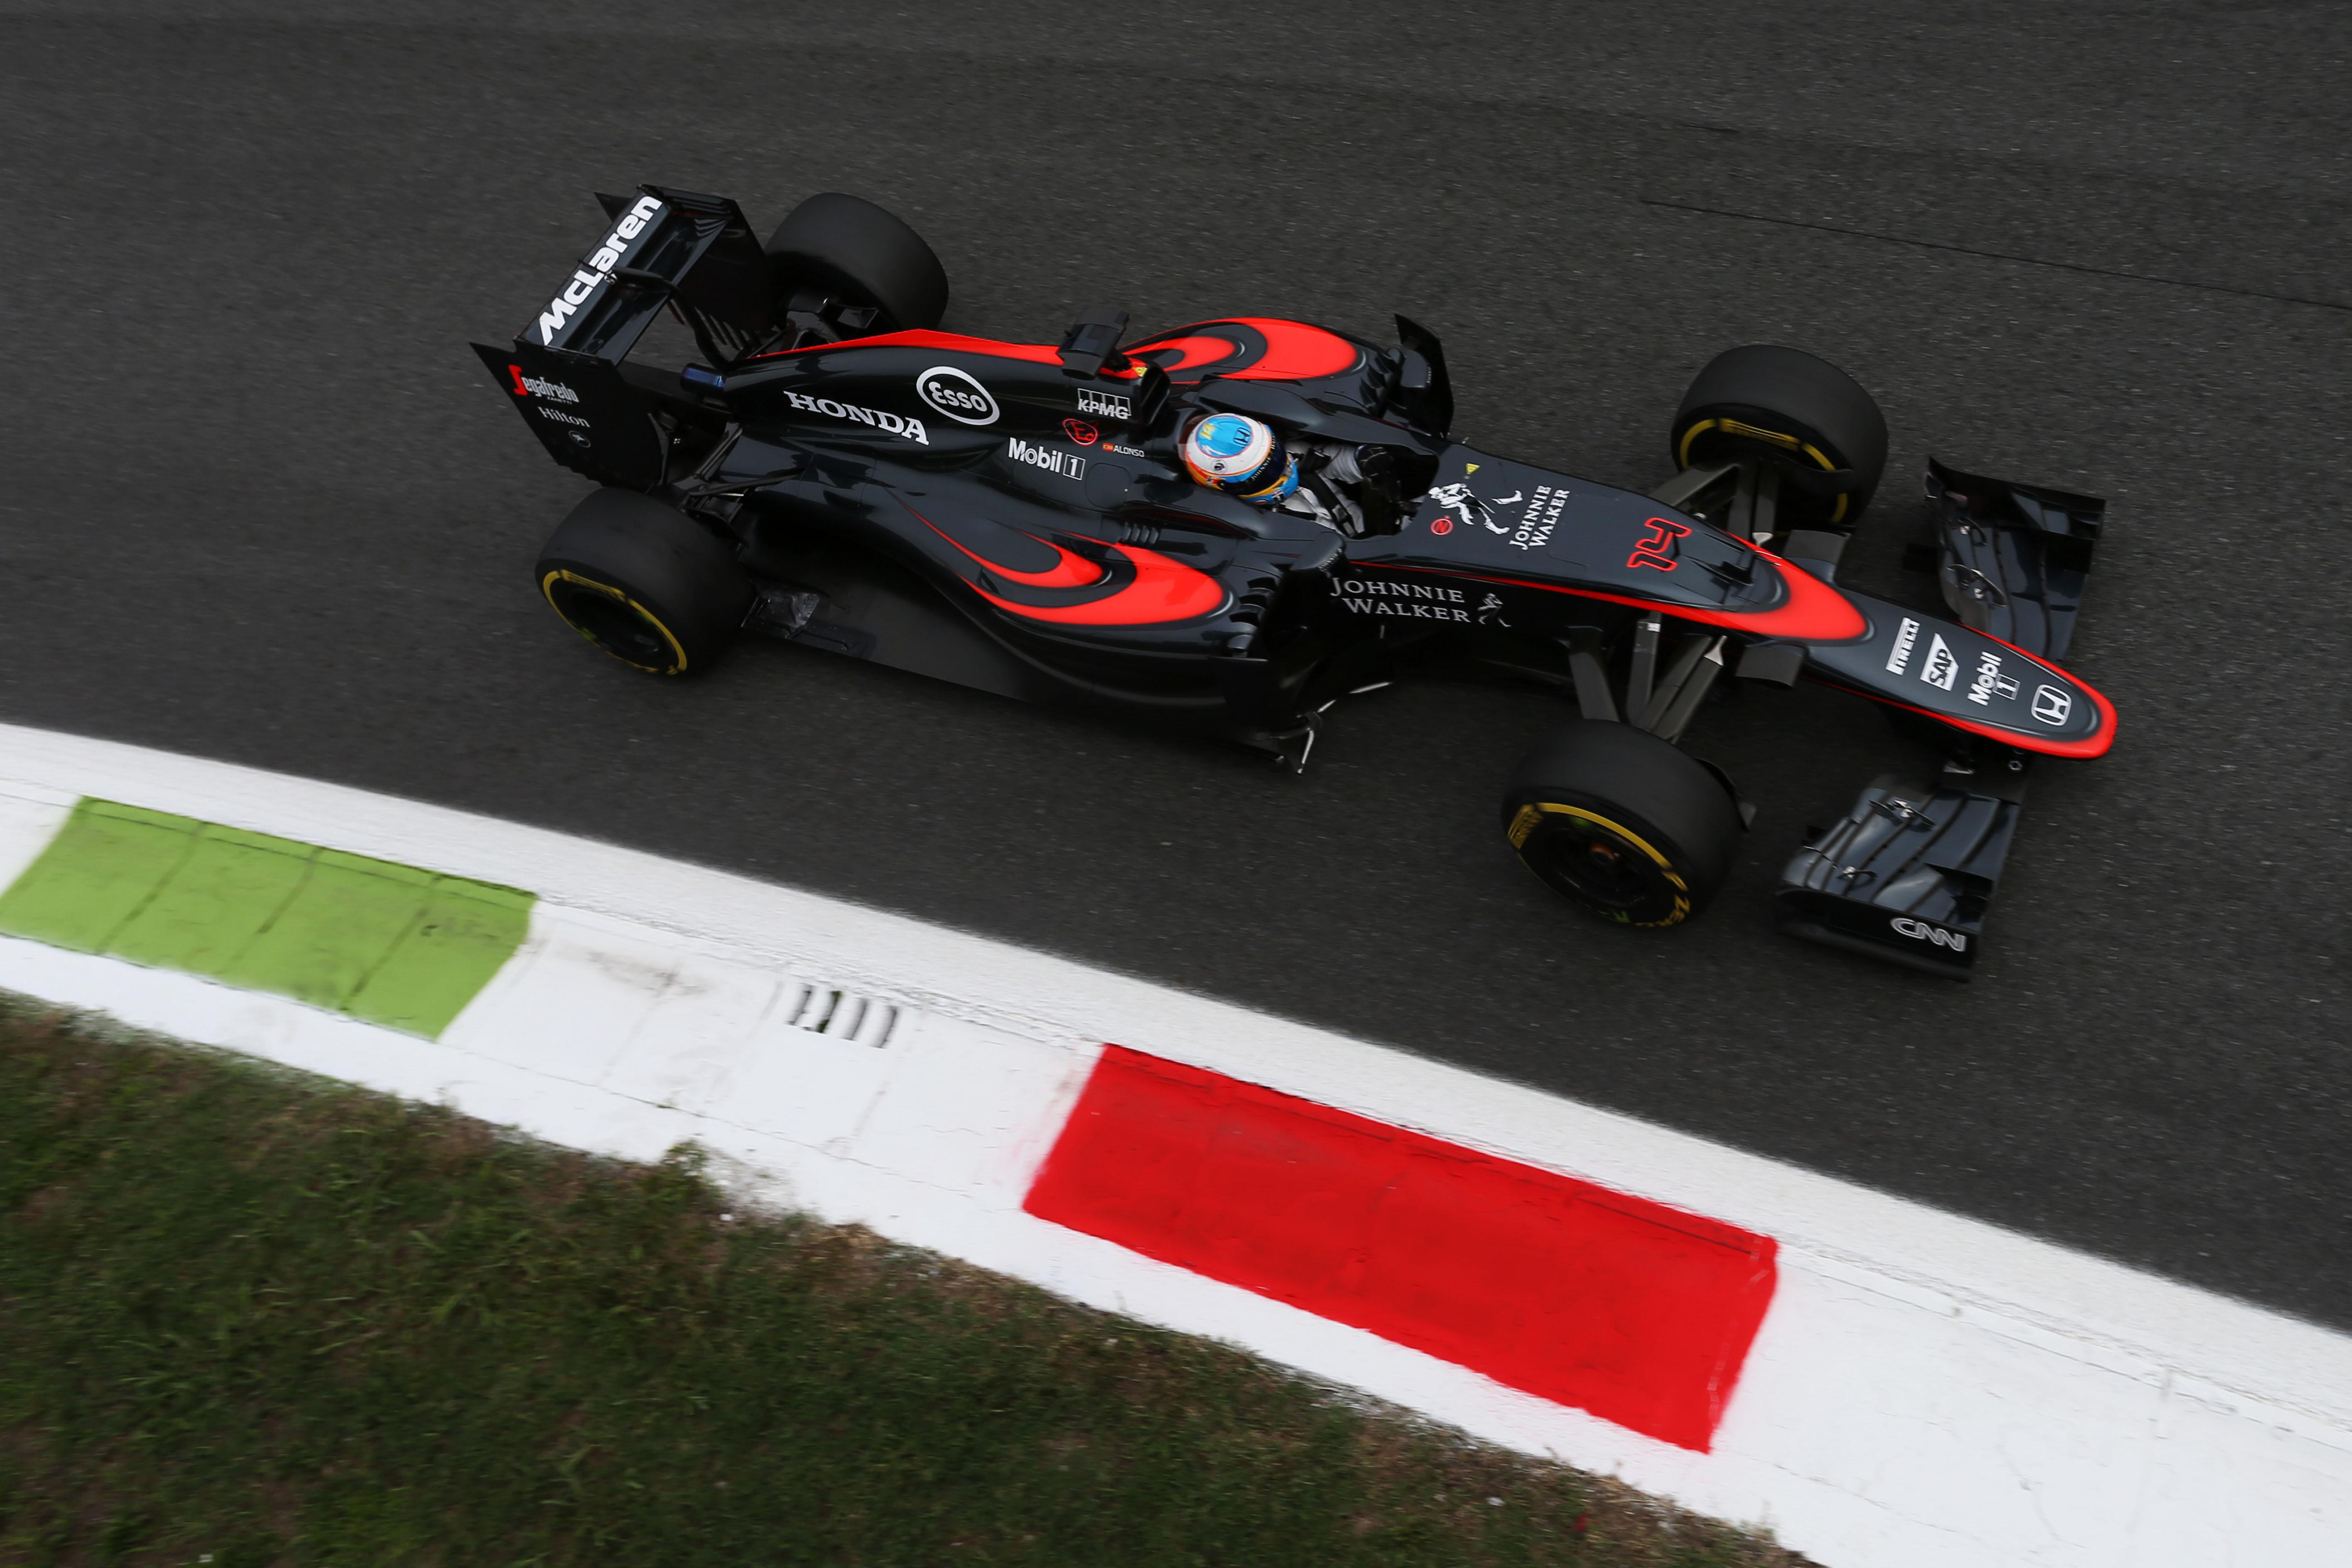 Fernando Alonso McLaren Italian Grand Prix 2015 Monza